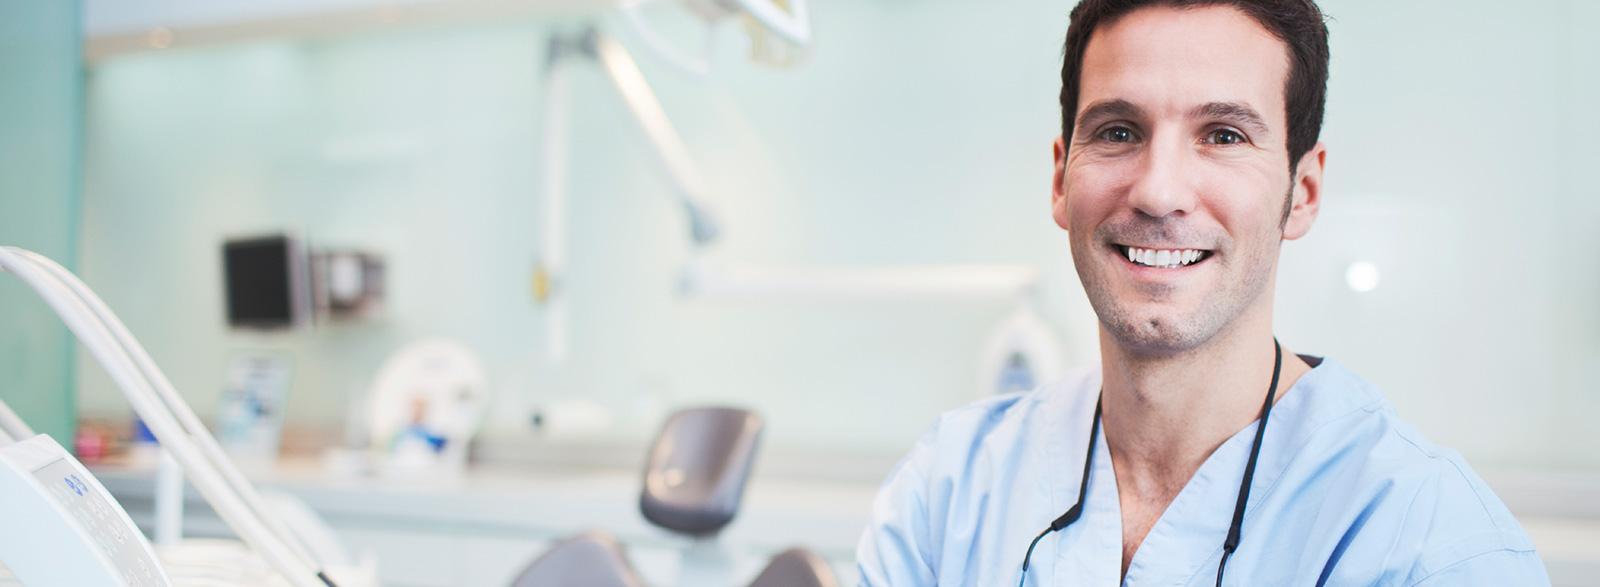 dentist_header4